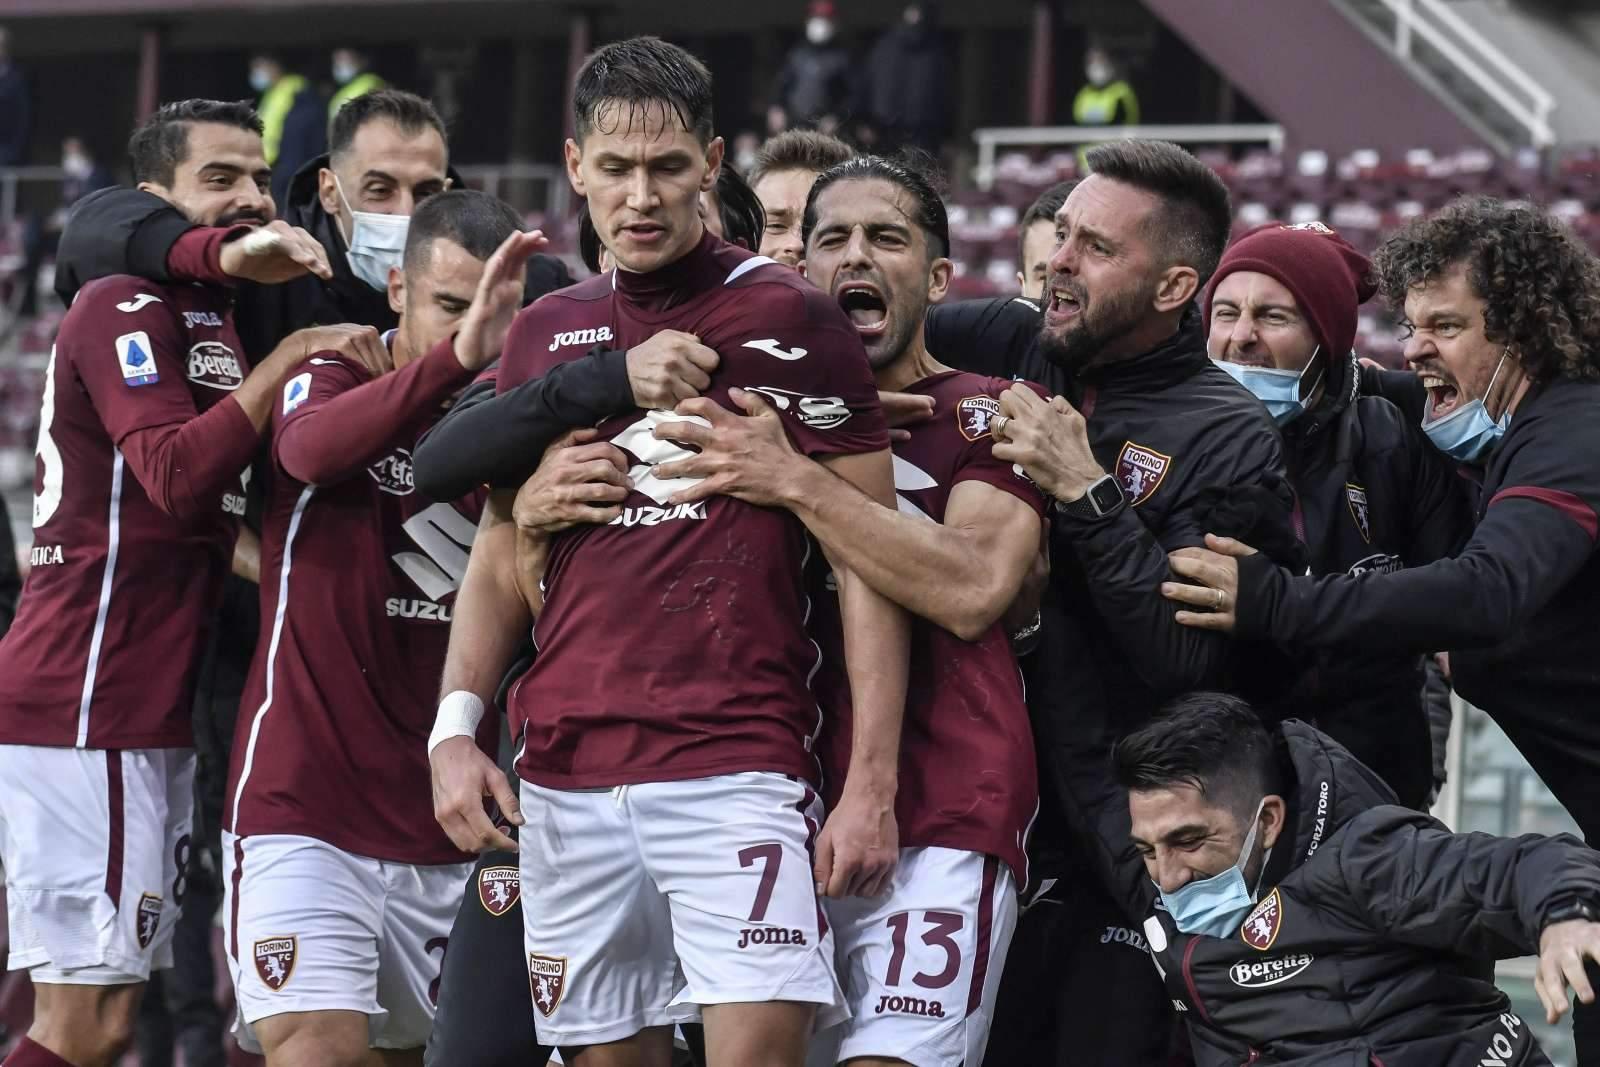 Тренер академии «Торино»: «Российские игроки сидят в зоне комфорта и боятся настоящего футбола»